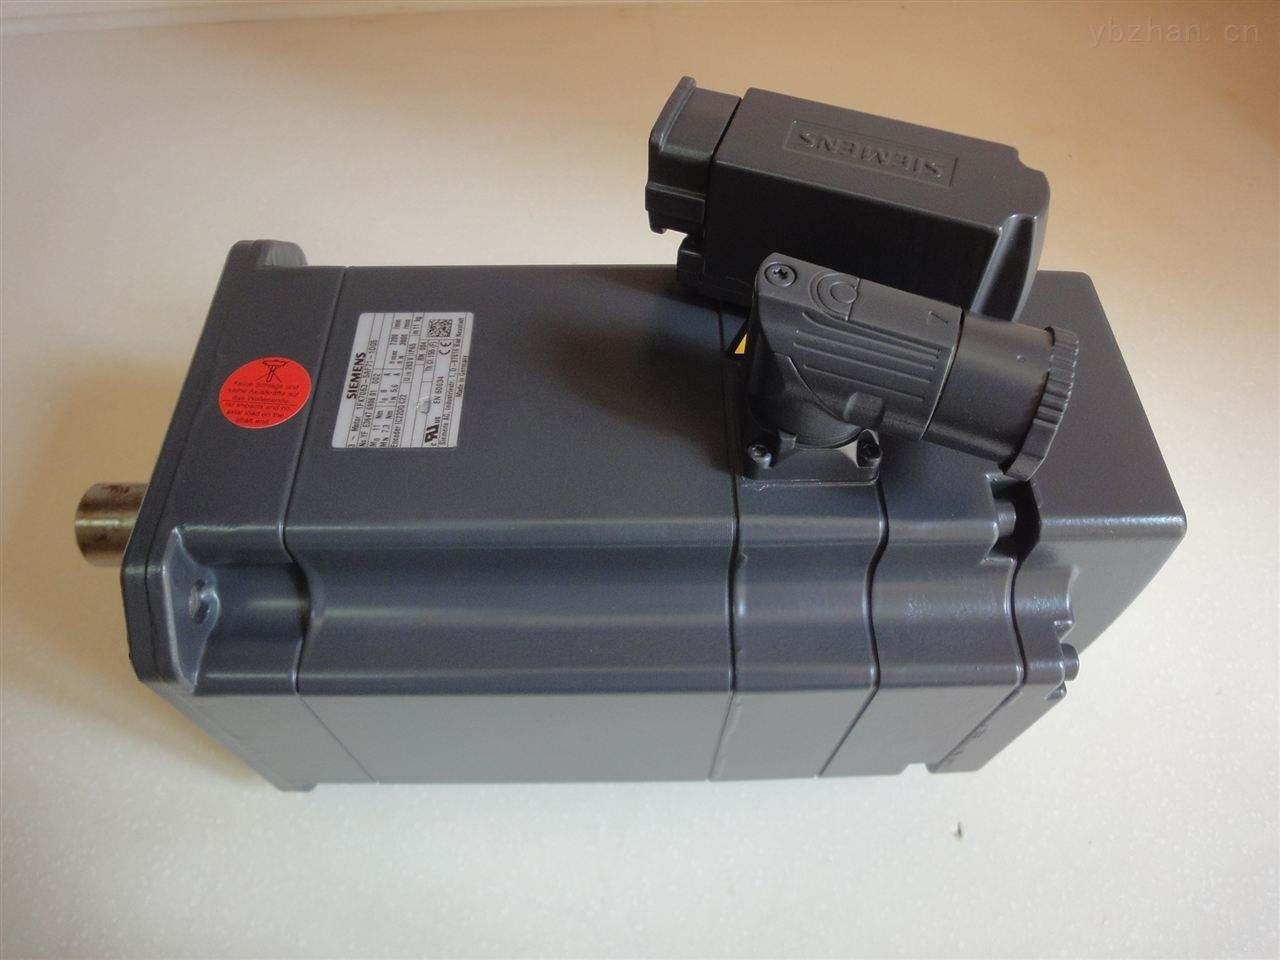 合肥西门子810D系统钻床伺服电机维修公司-当天检测提供维修